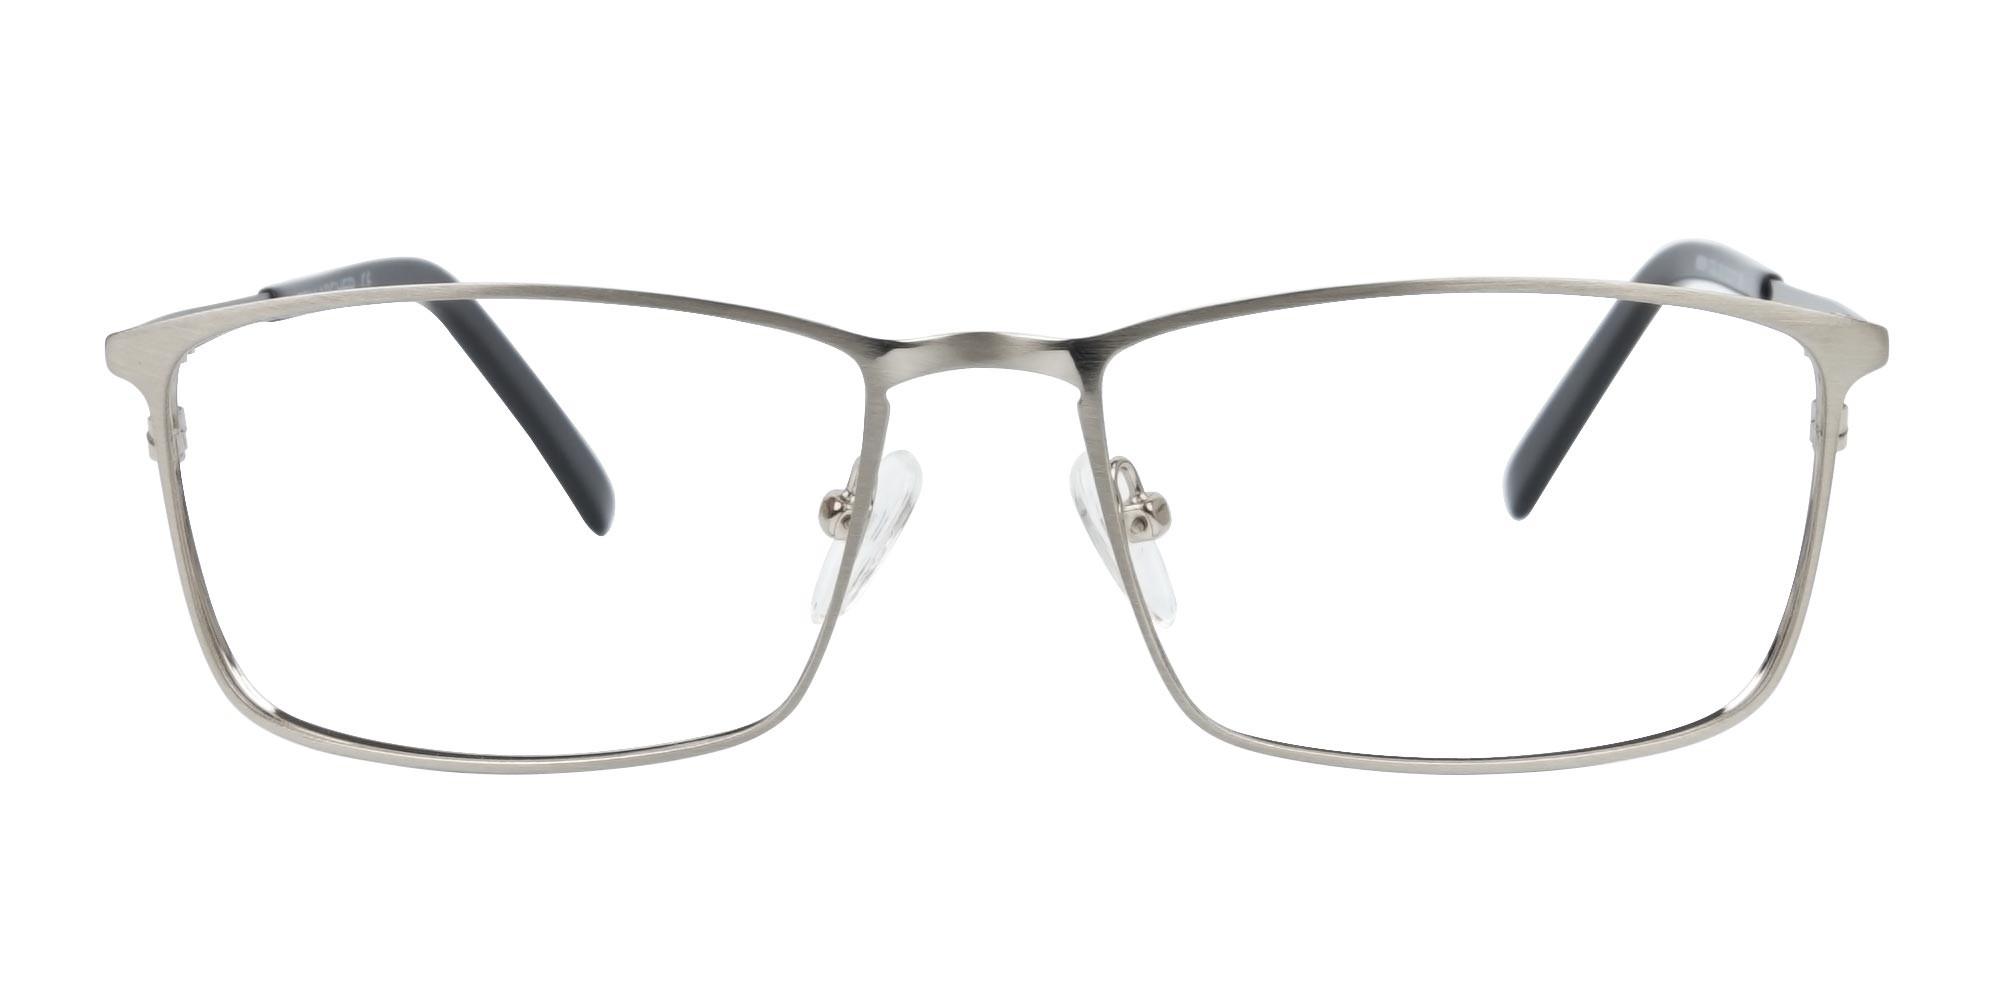 Silver Full-Rimmed Rectangular Glasses-1